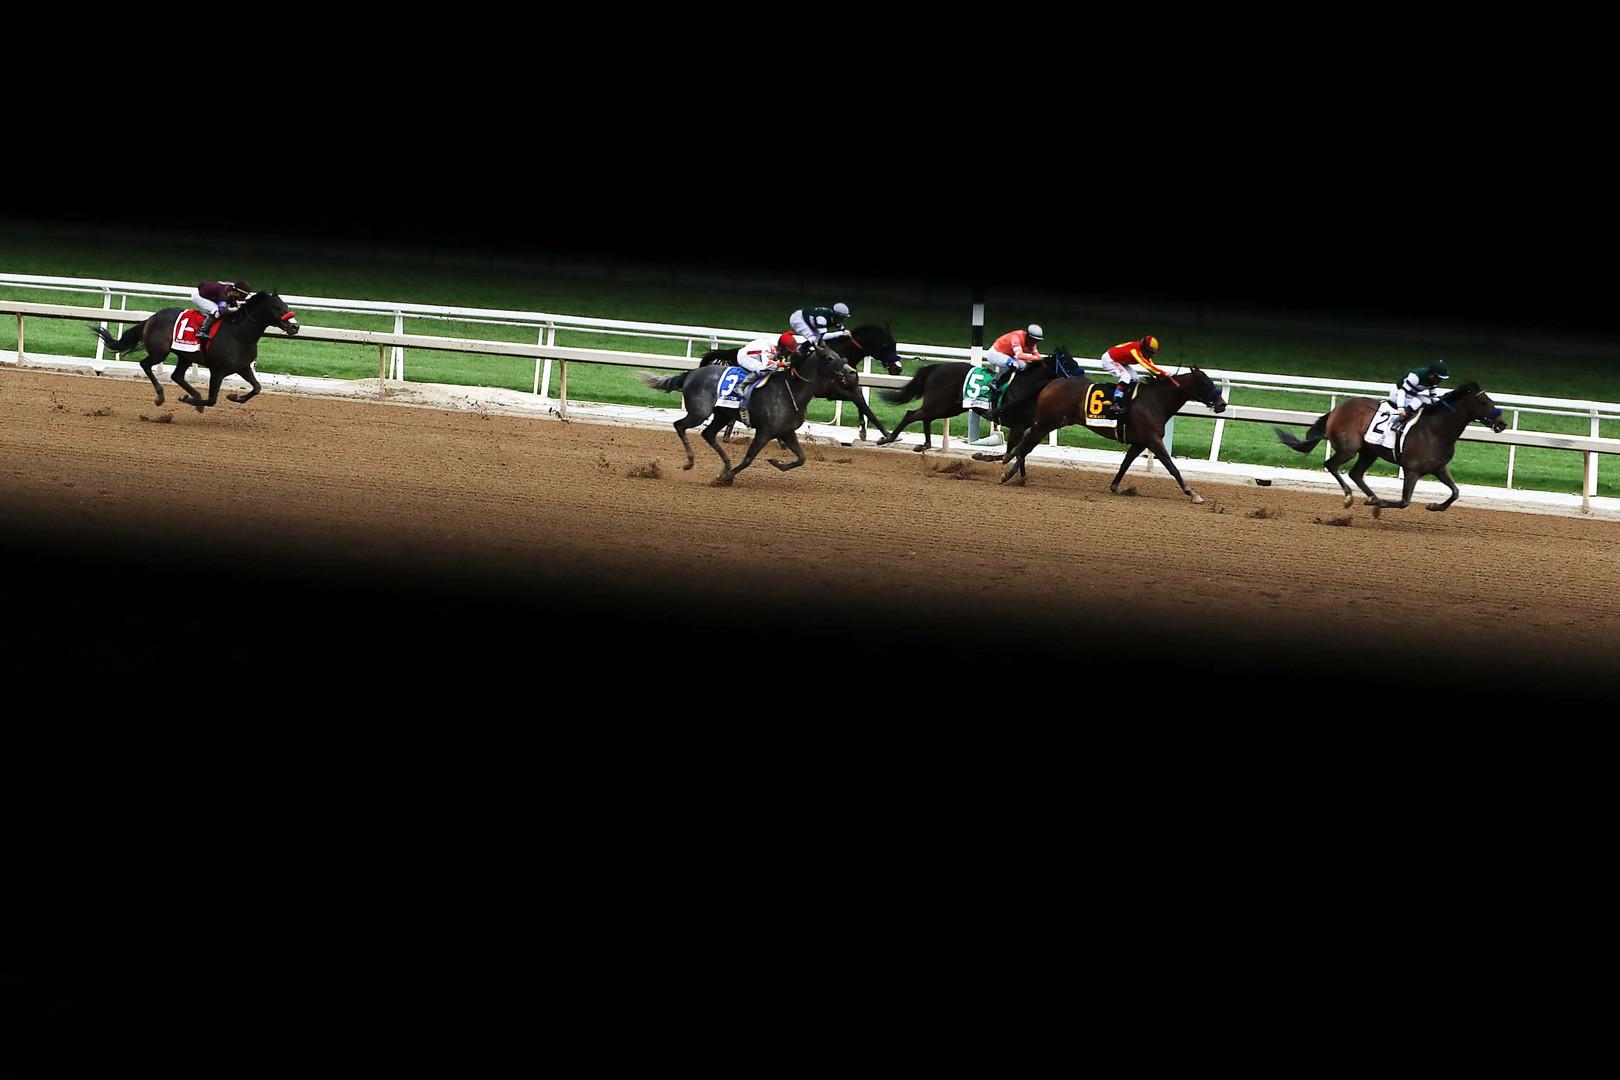 Racing Between the Lines